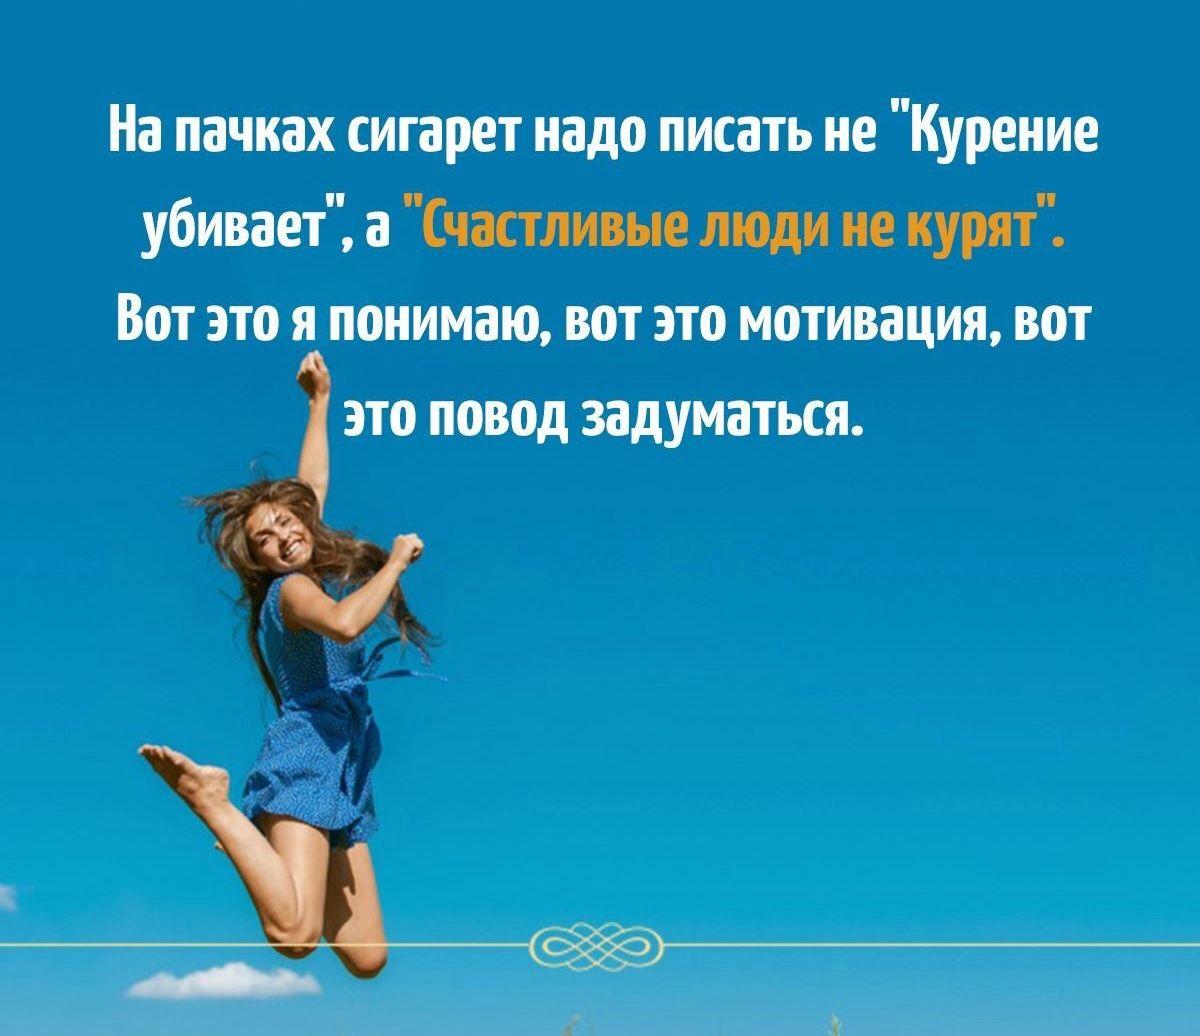 9orgsGlmU3g - СветВМир.ру - Интересный познавательный журнал. Развитие познания - Счастливые люди не курят! (картинка)